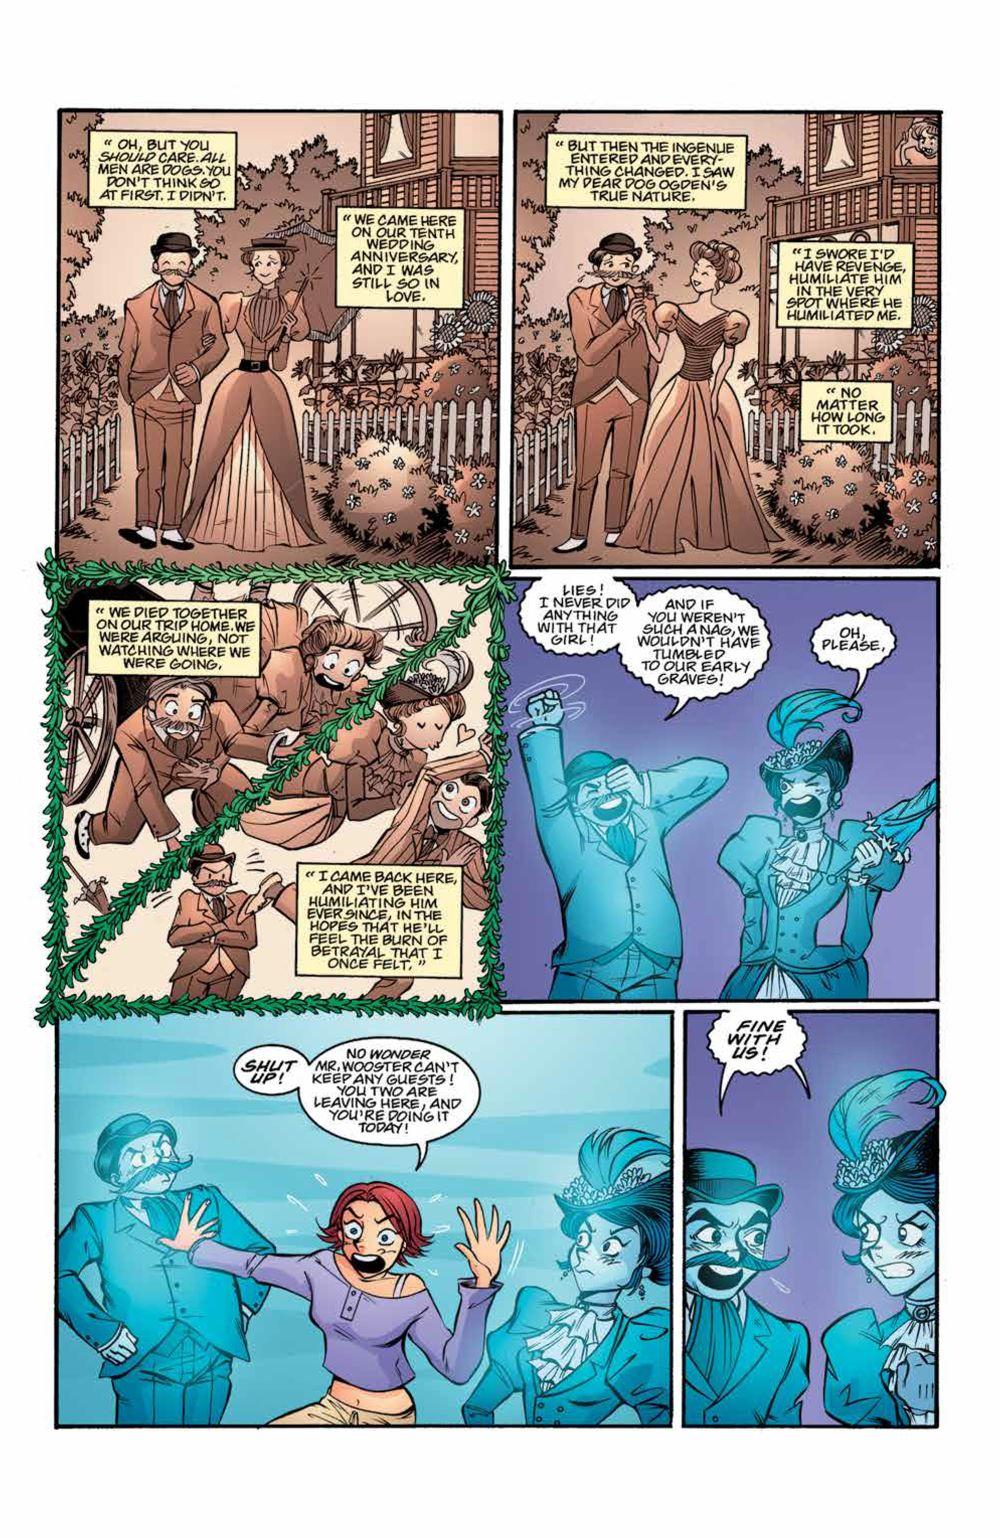 Buffy_Legacy_v4_SC_PRESS_21 ComicList Previews: BUFFY THE VAMPIRE SLAYER LEGACY EDITION VOLUME 4 SC